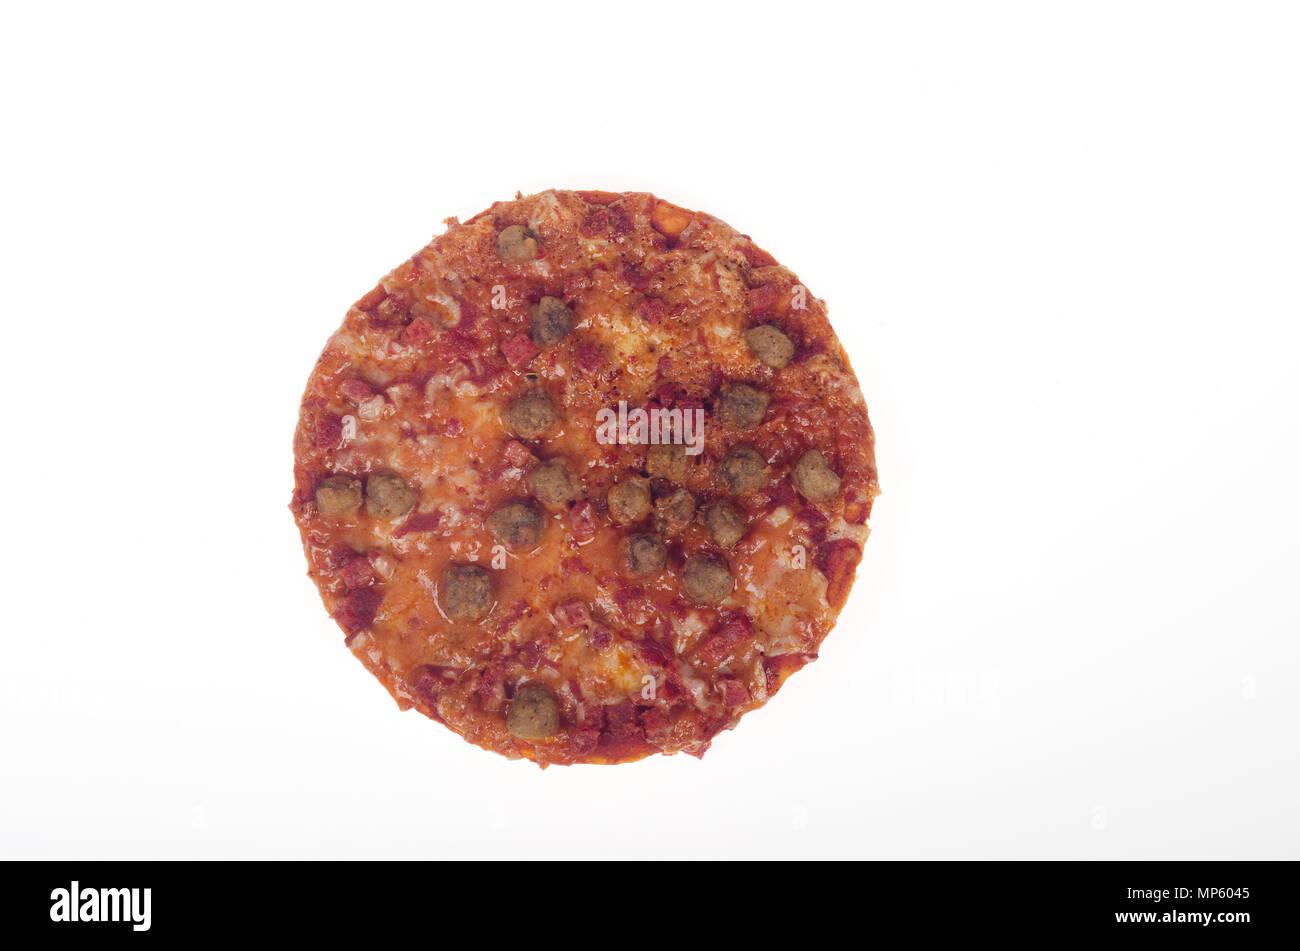 Personal pequeña con salchichas y pizza de pepperoni carne junto con la salsa de tomate y queso Imagen De Stock